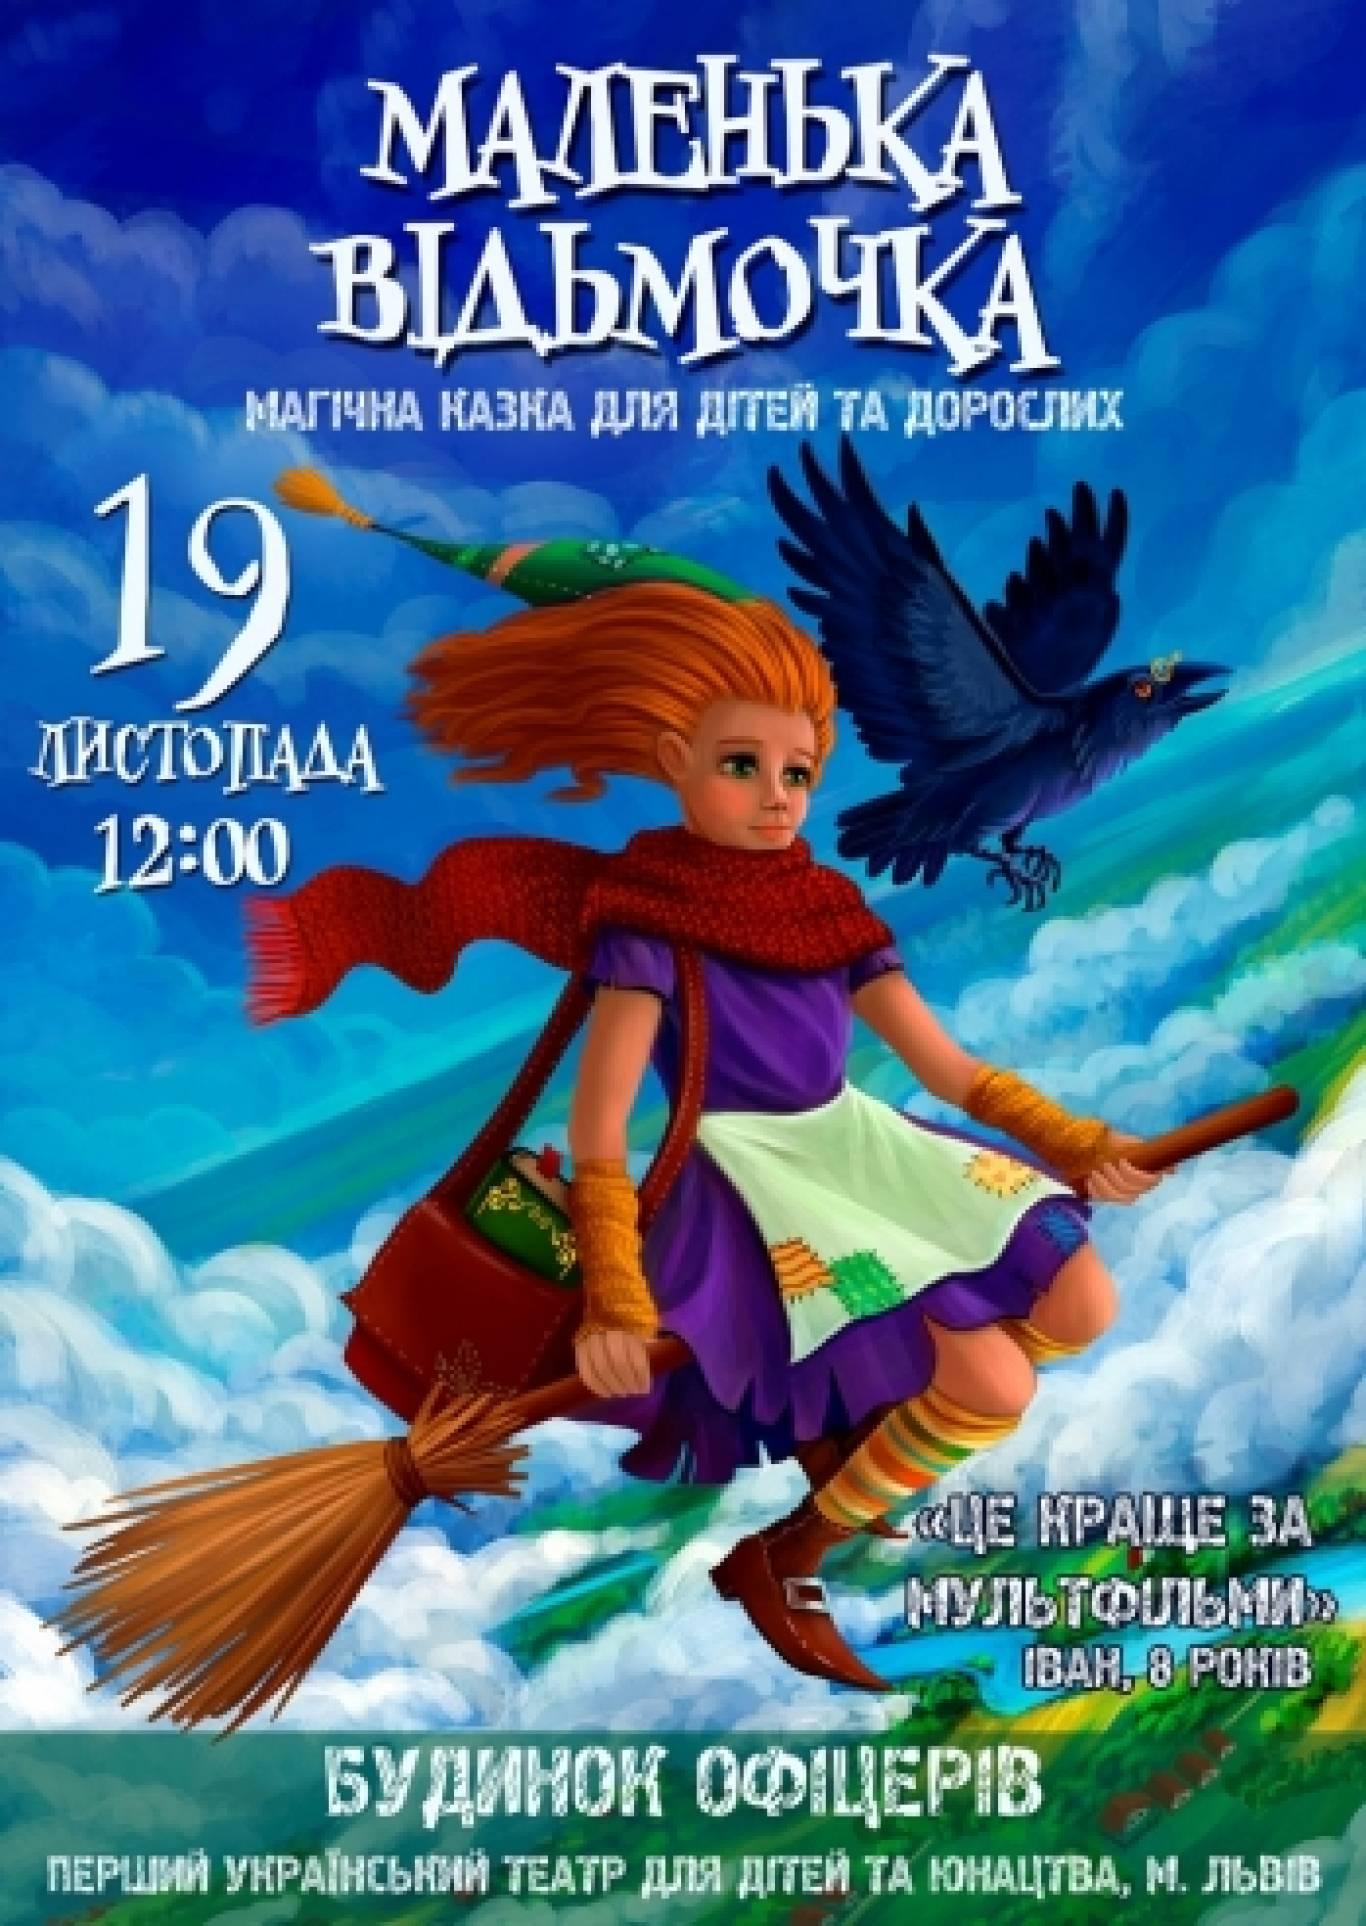 """Магічна казка для дітей та дорослих """"Маленька Відьмочка"""""""